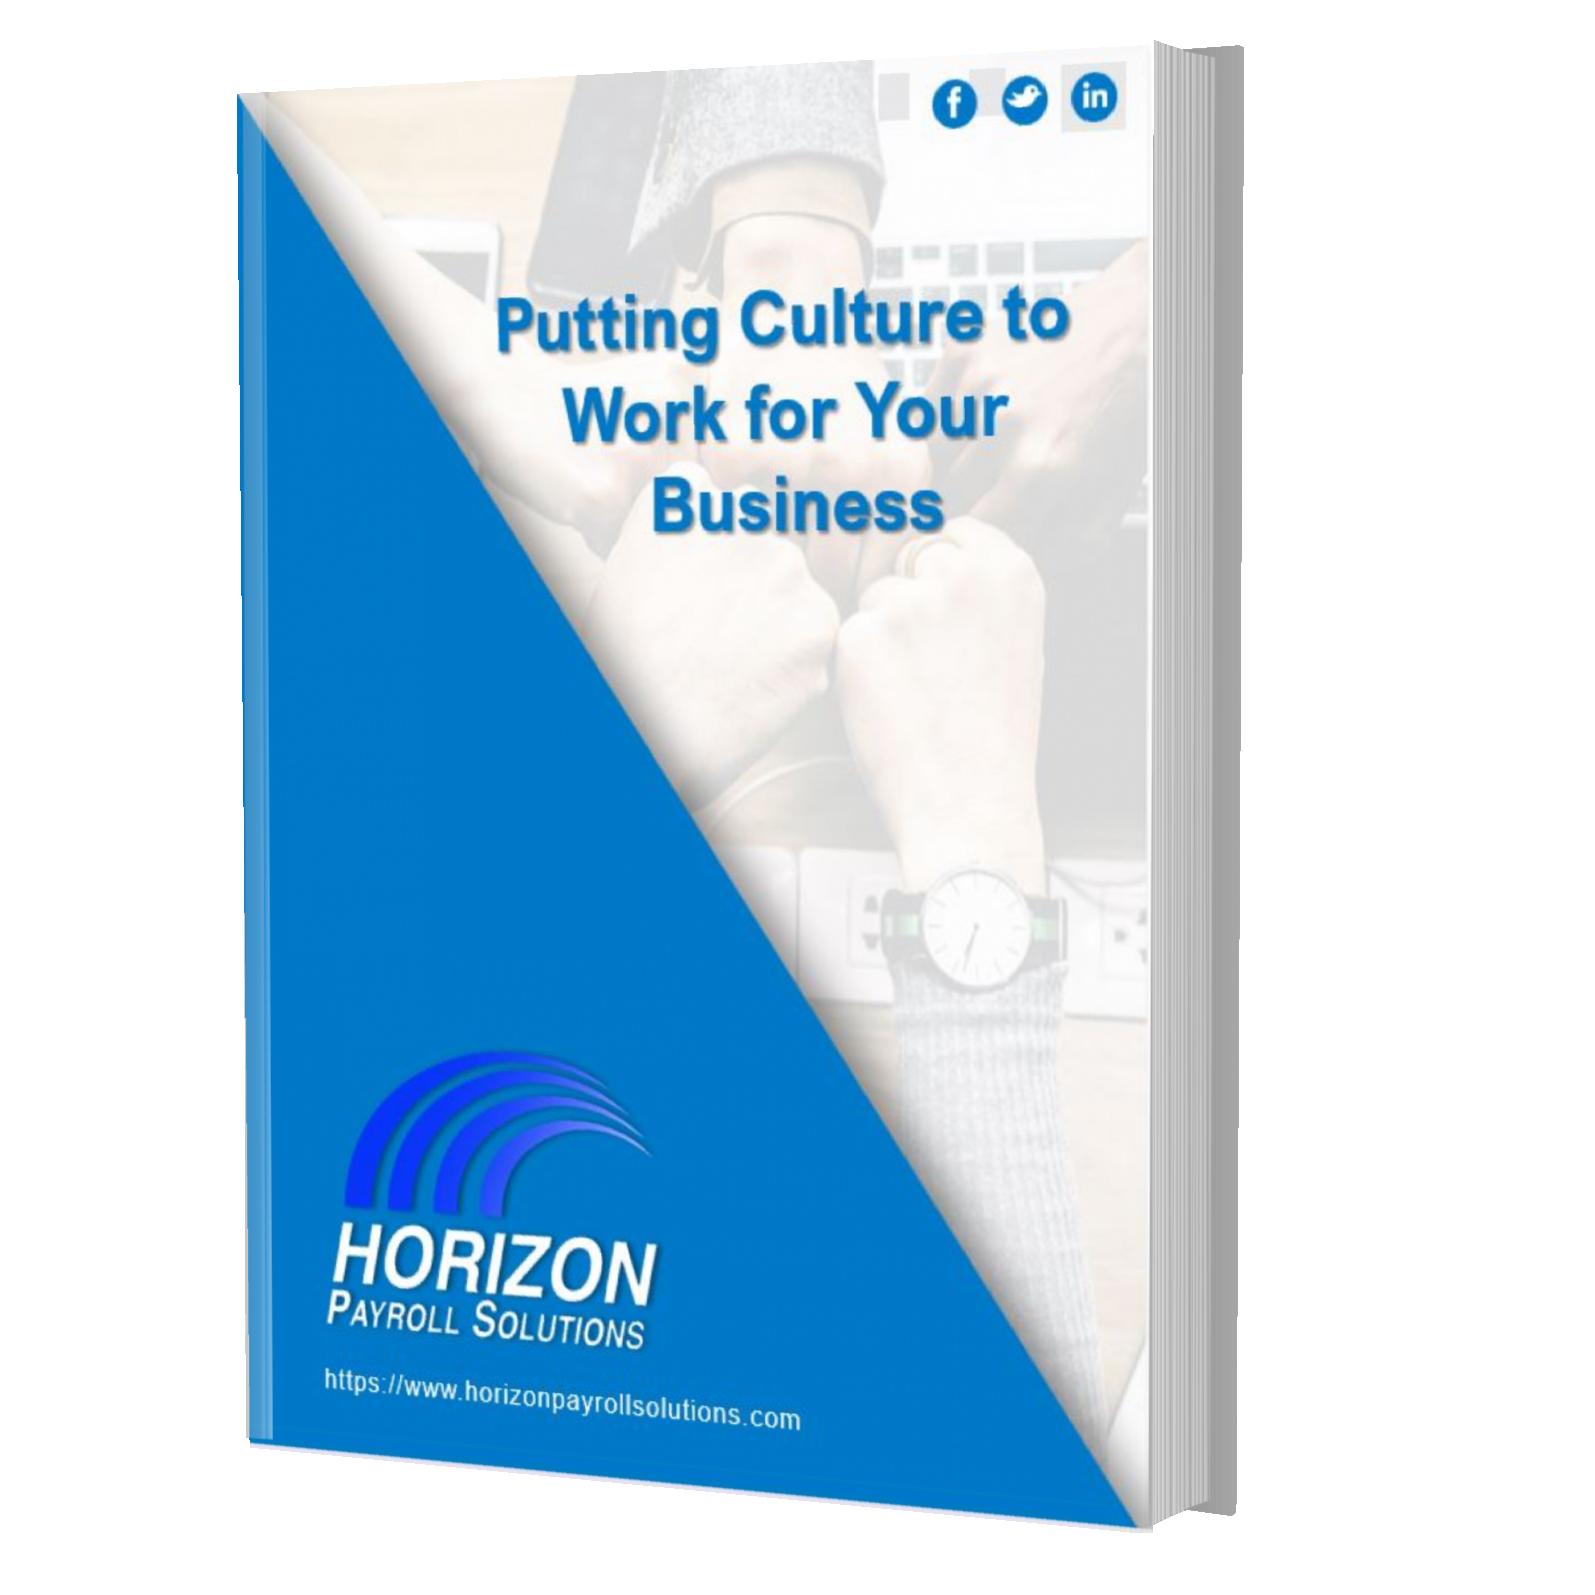 Culture Ebook Cover Photo